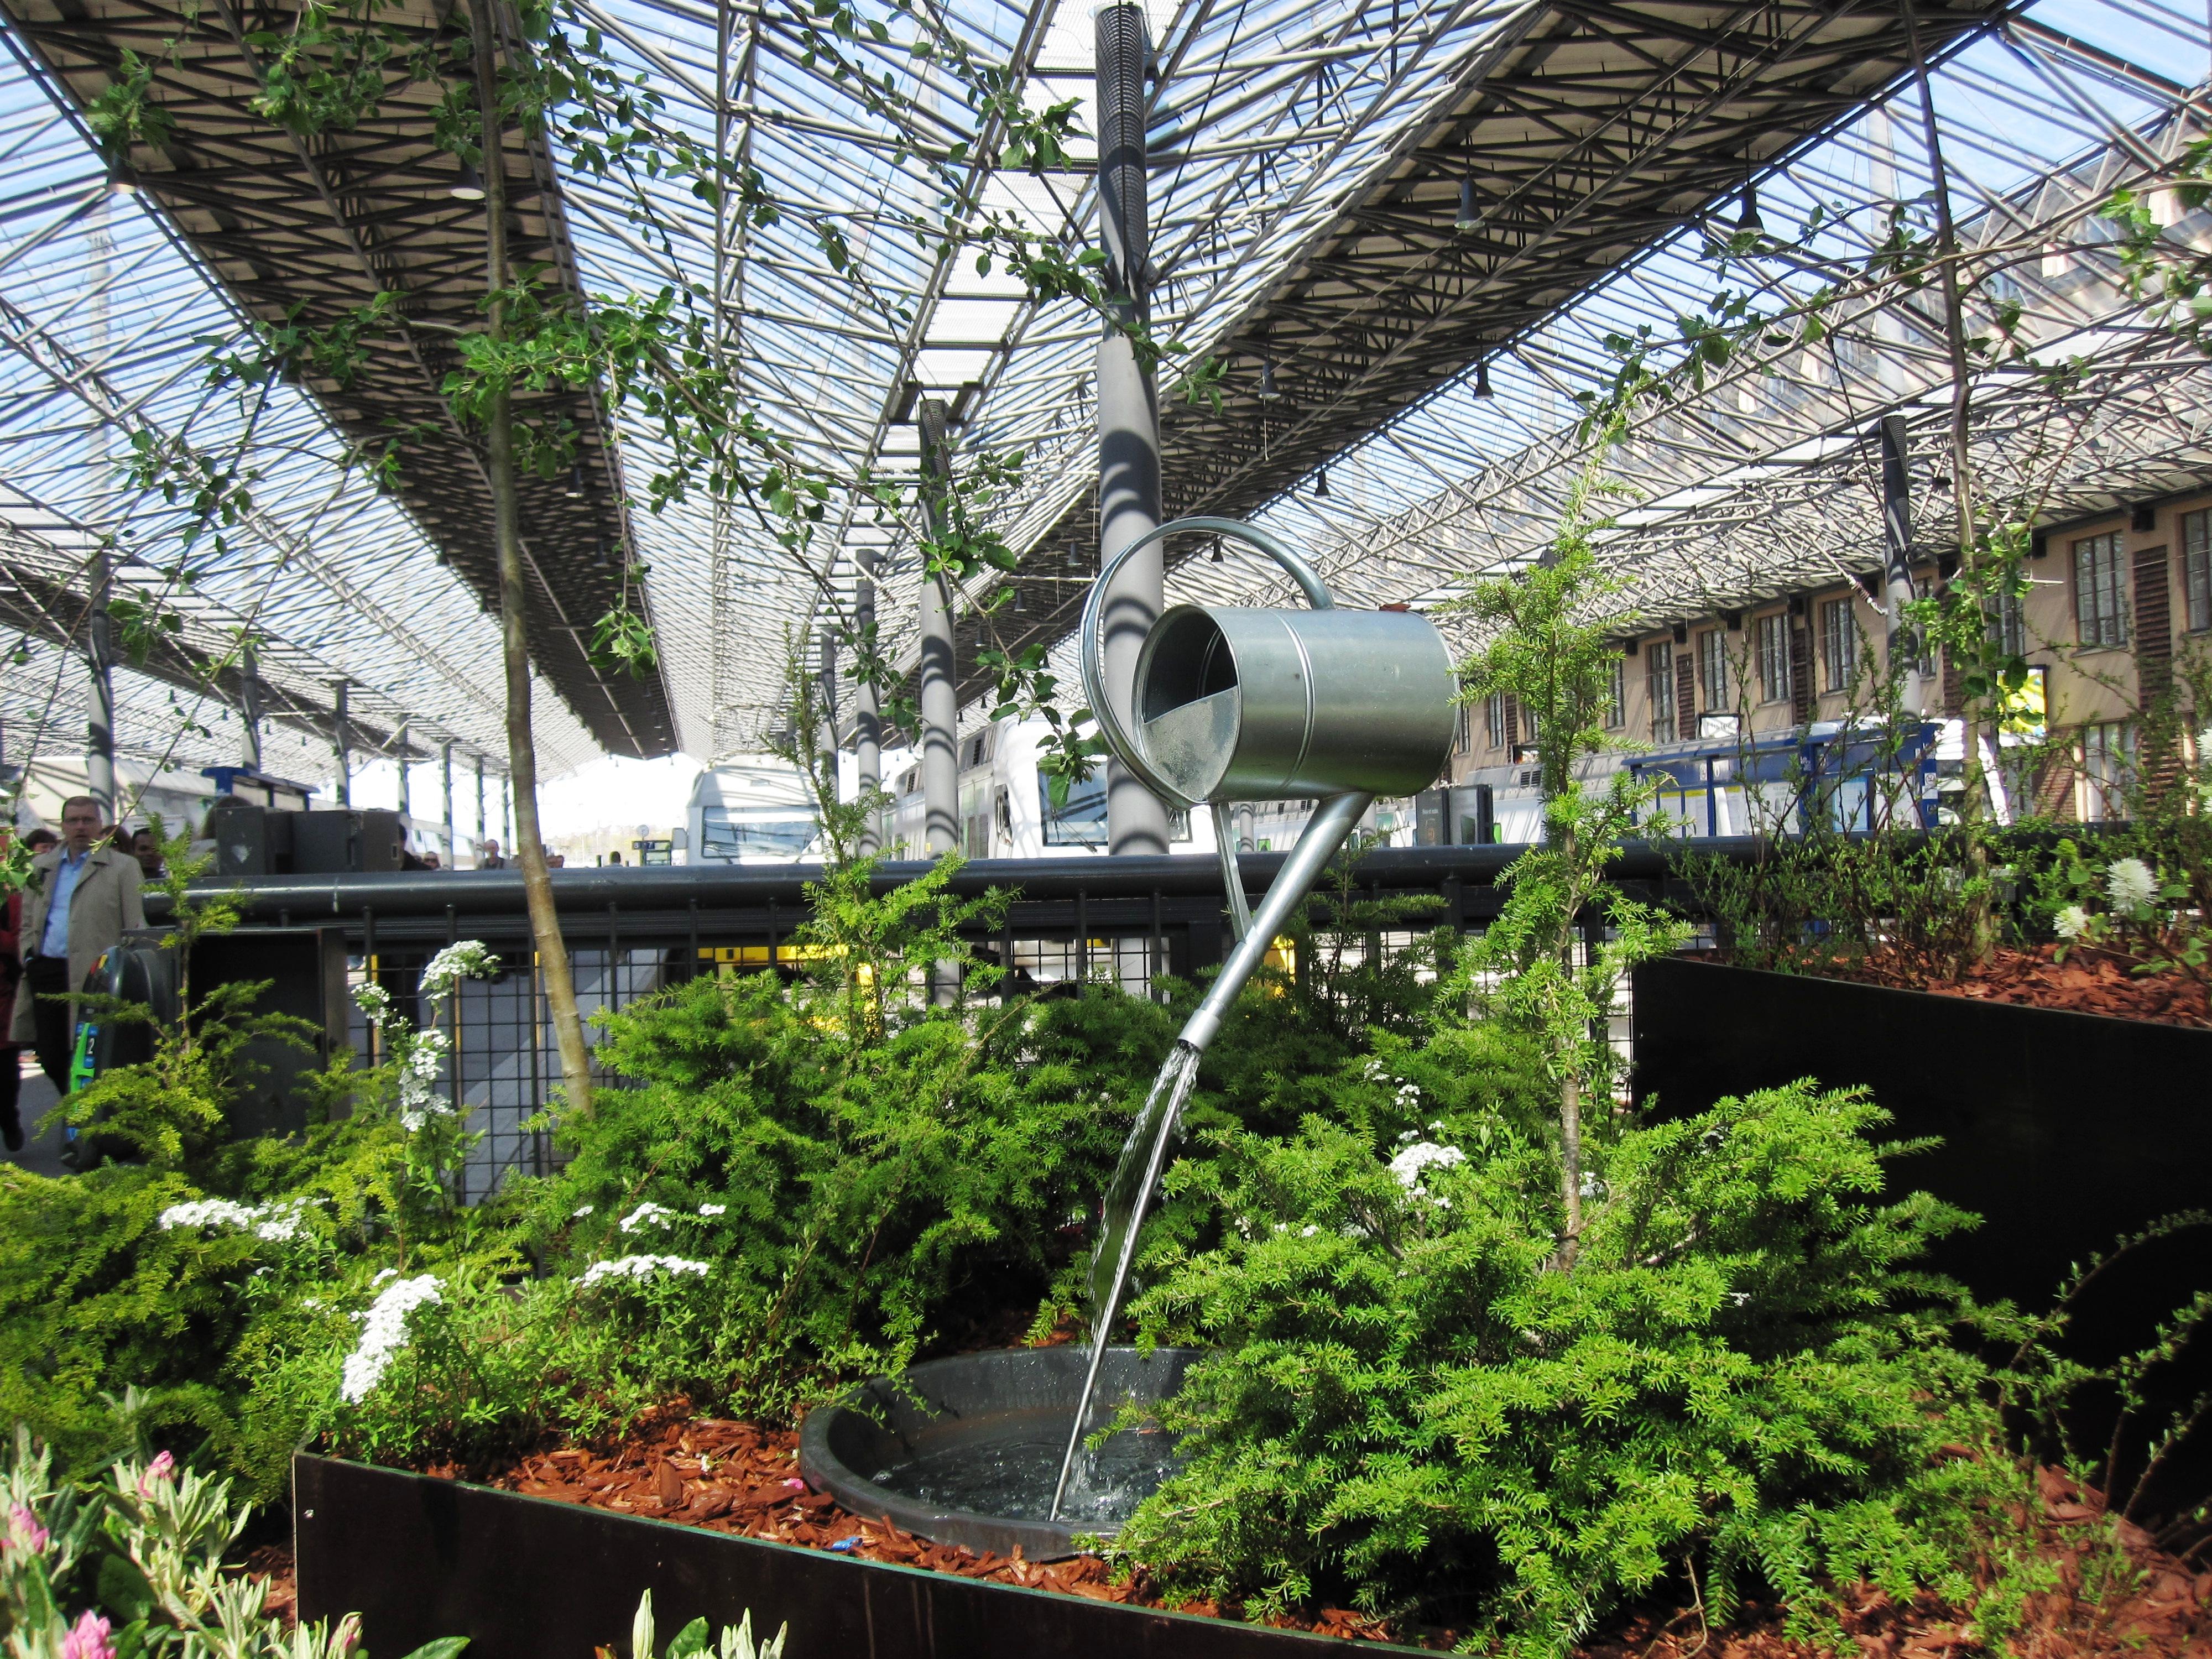 Фонтан в виде обычной садовой лейки на главном железнодорожном вокзале